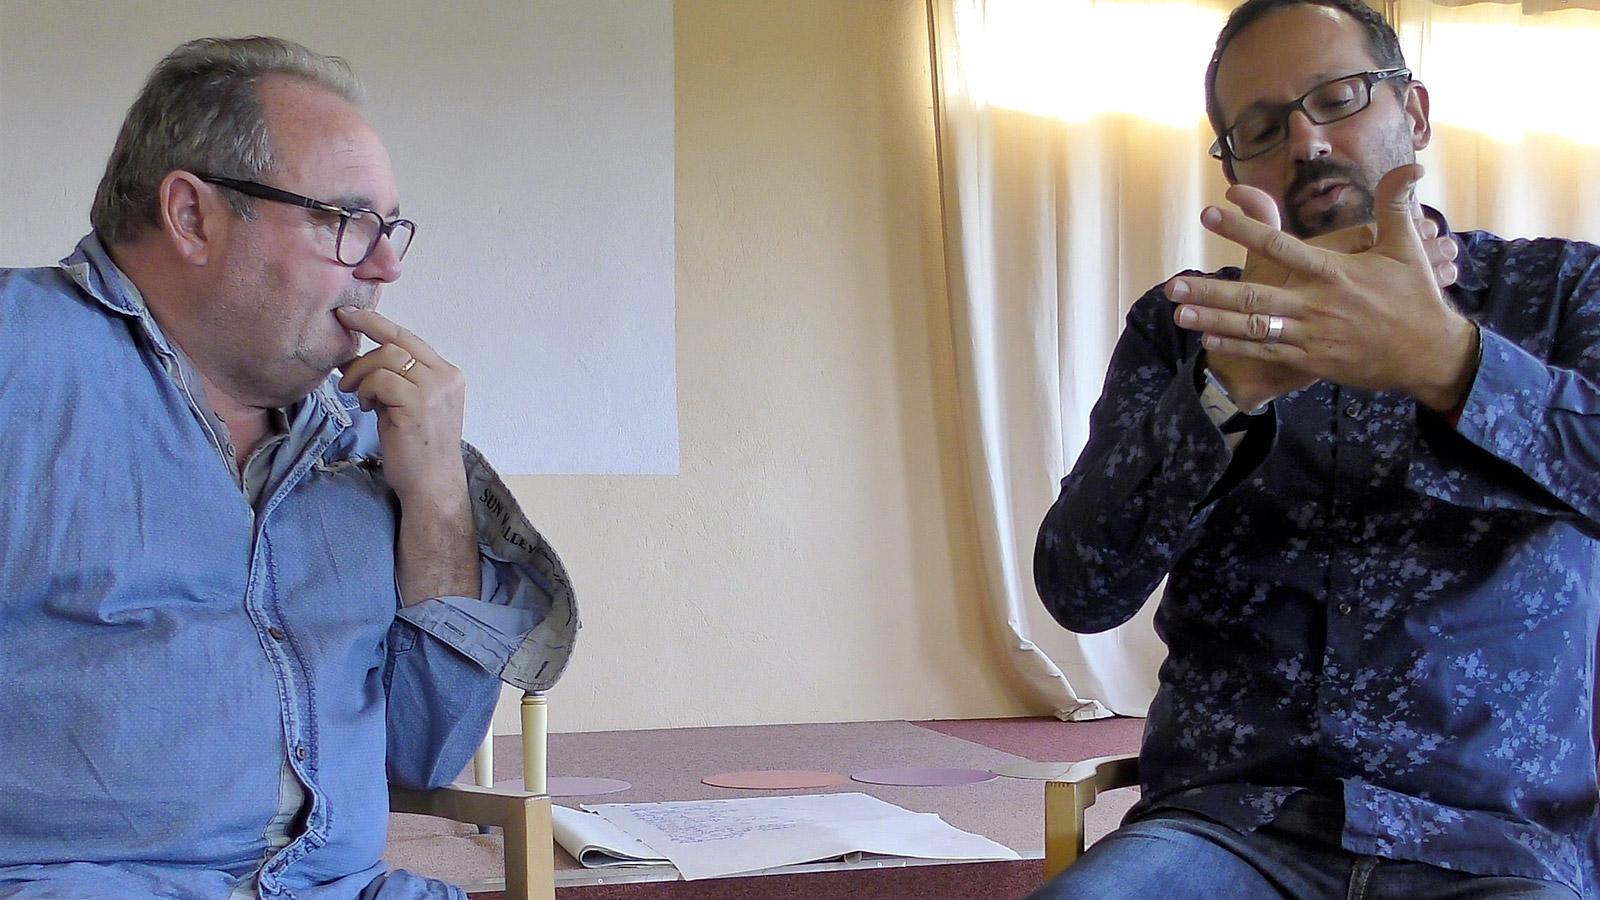 Docteur Guillaume Poupard, créateur de la Thérapie Solutionniste et Expérientielle (TSE)